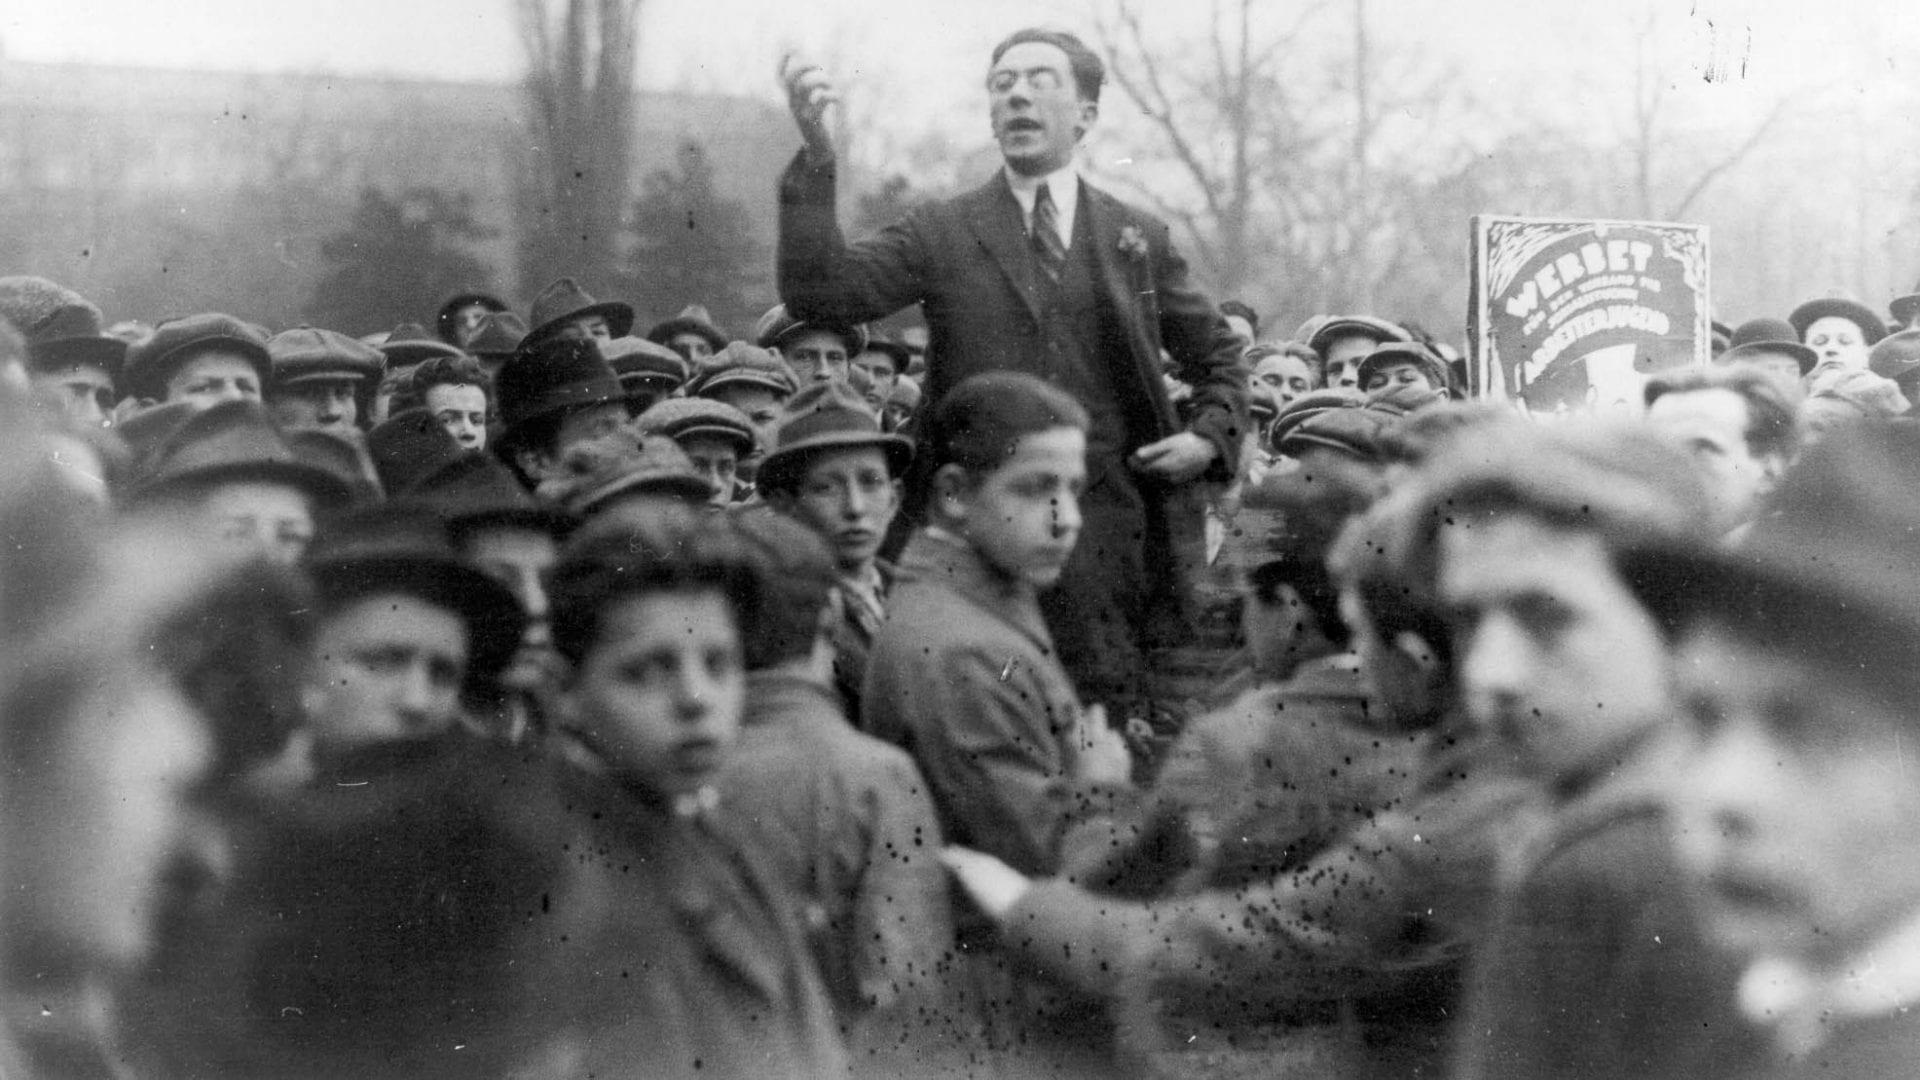 Foto (C) Verein für Geschichte der ArbeiterInnenbewegung